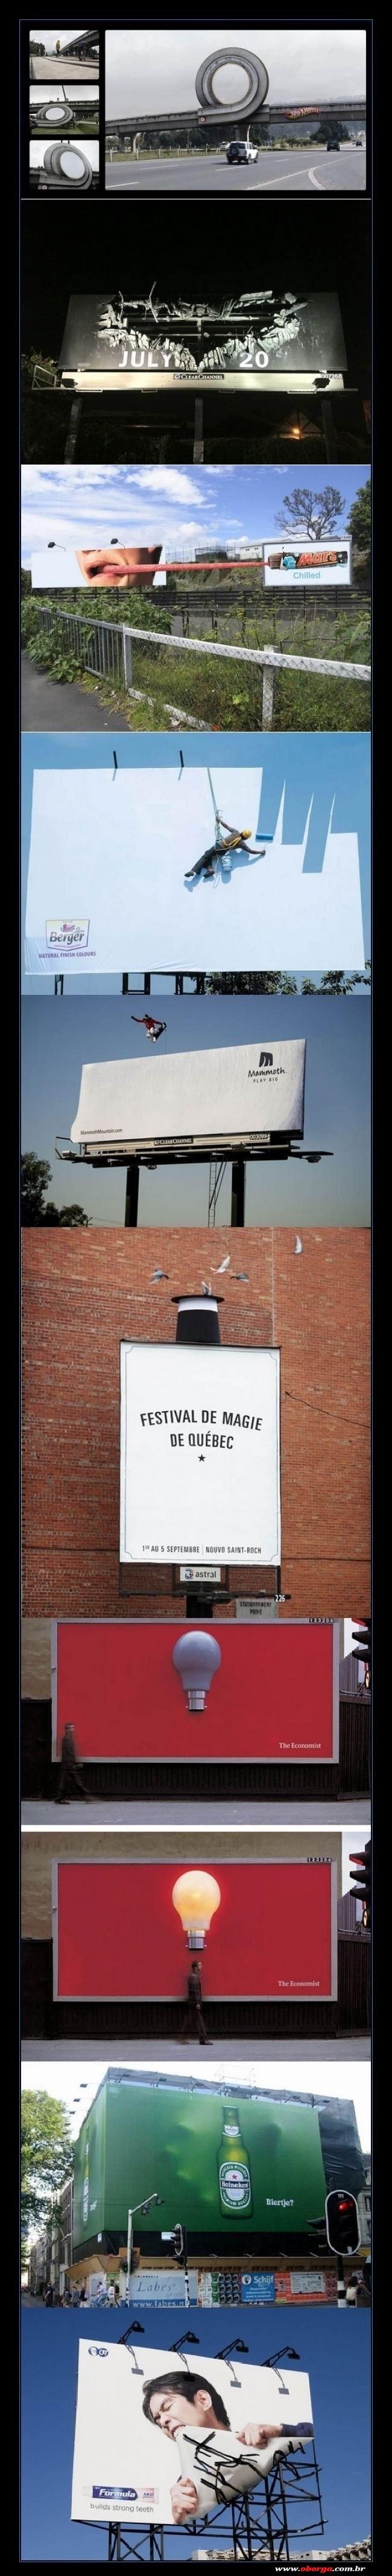 Alguns outdoors bem criativos